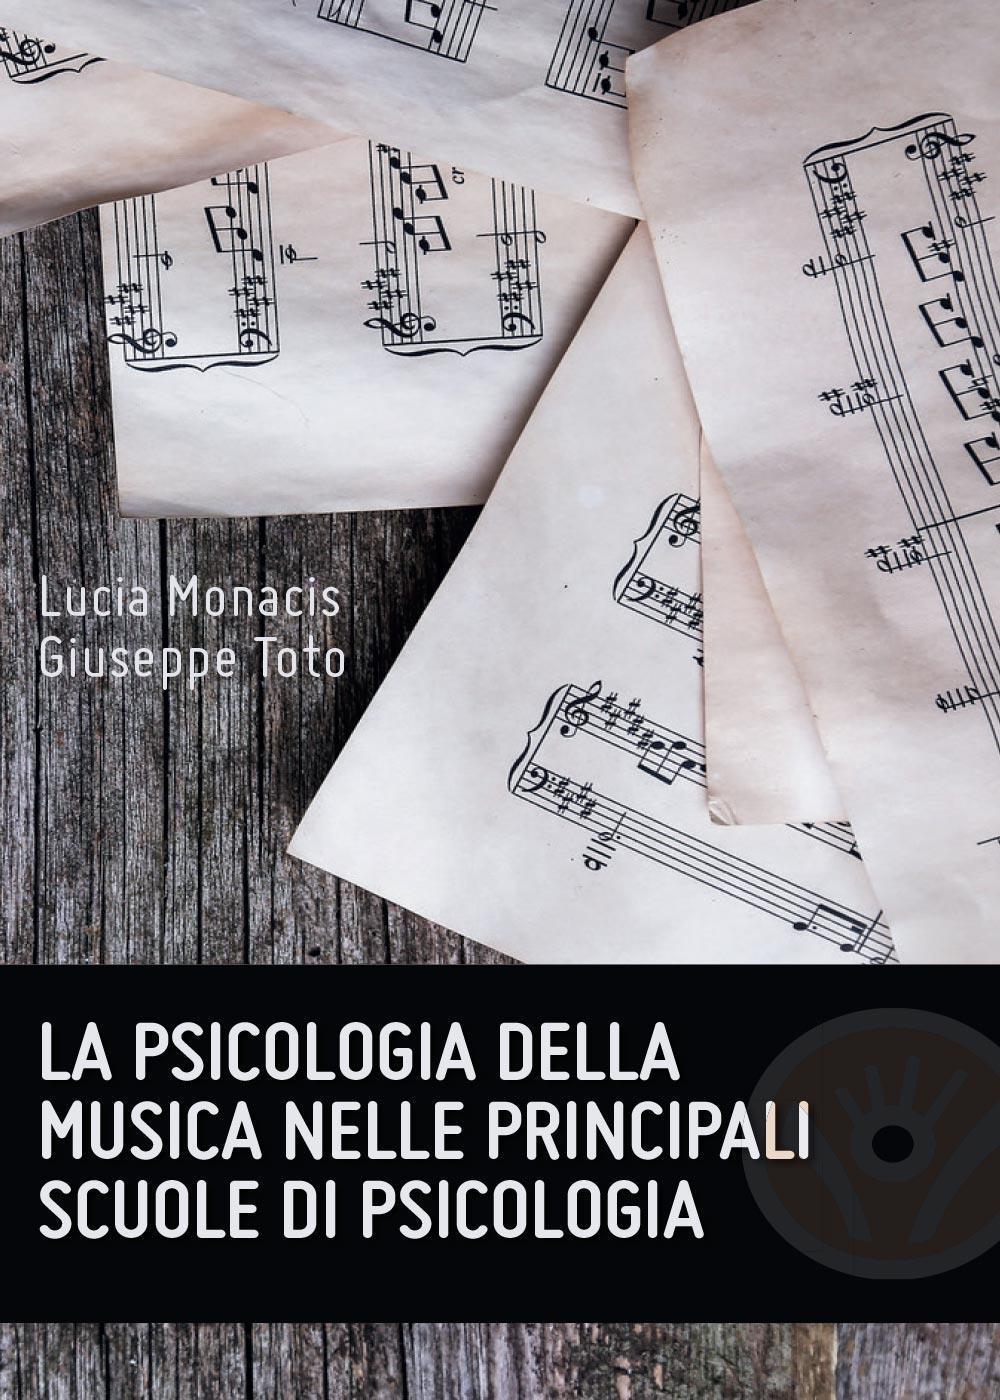 La psicologia della musica nelle principali scuole di psicologia